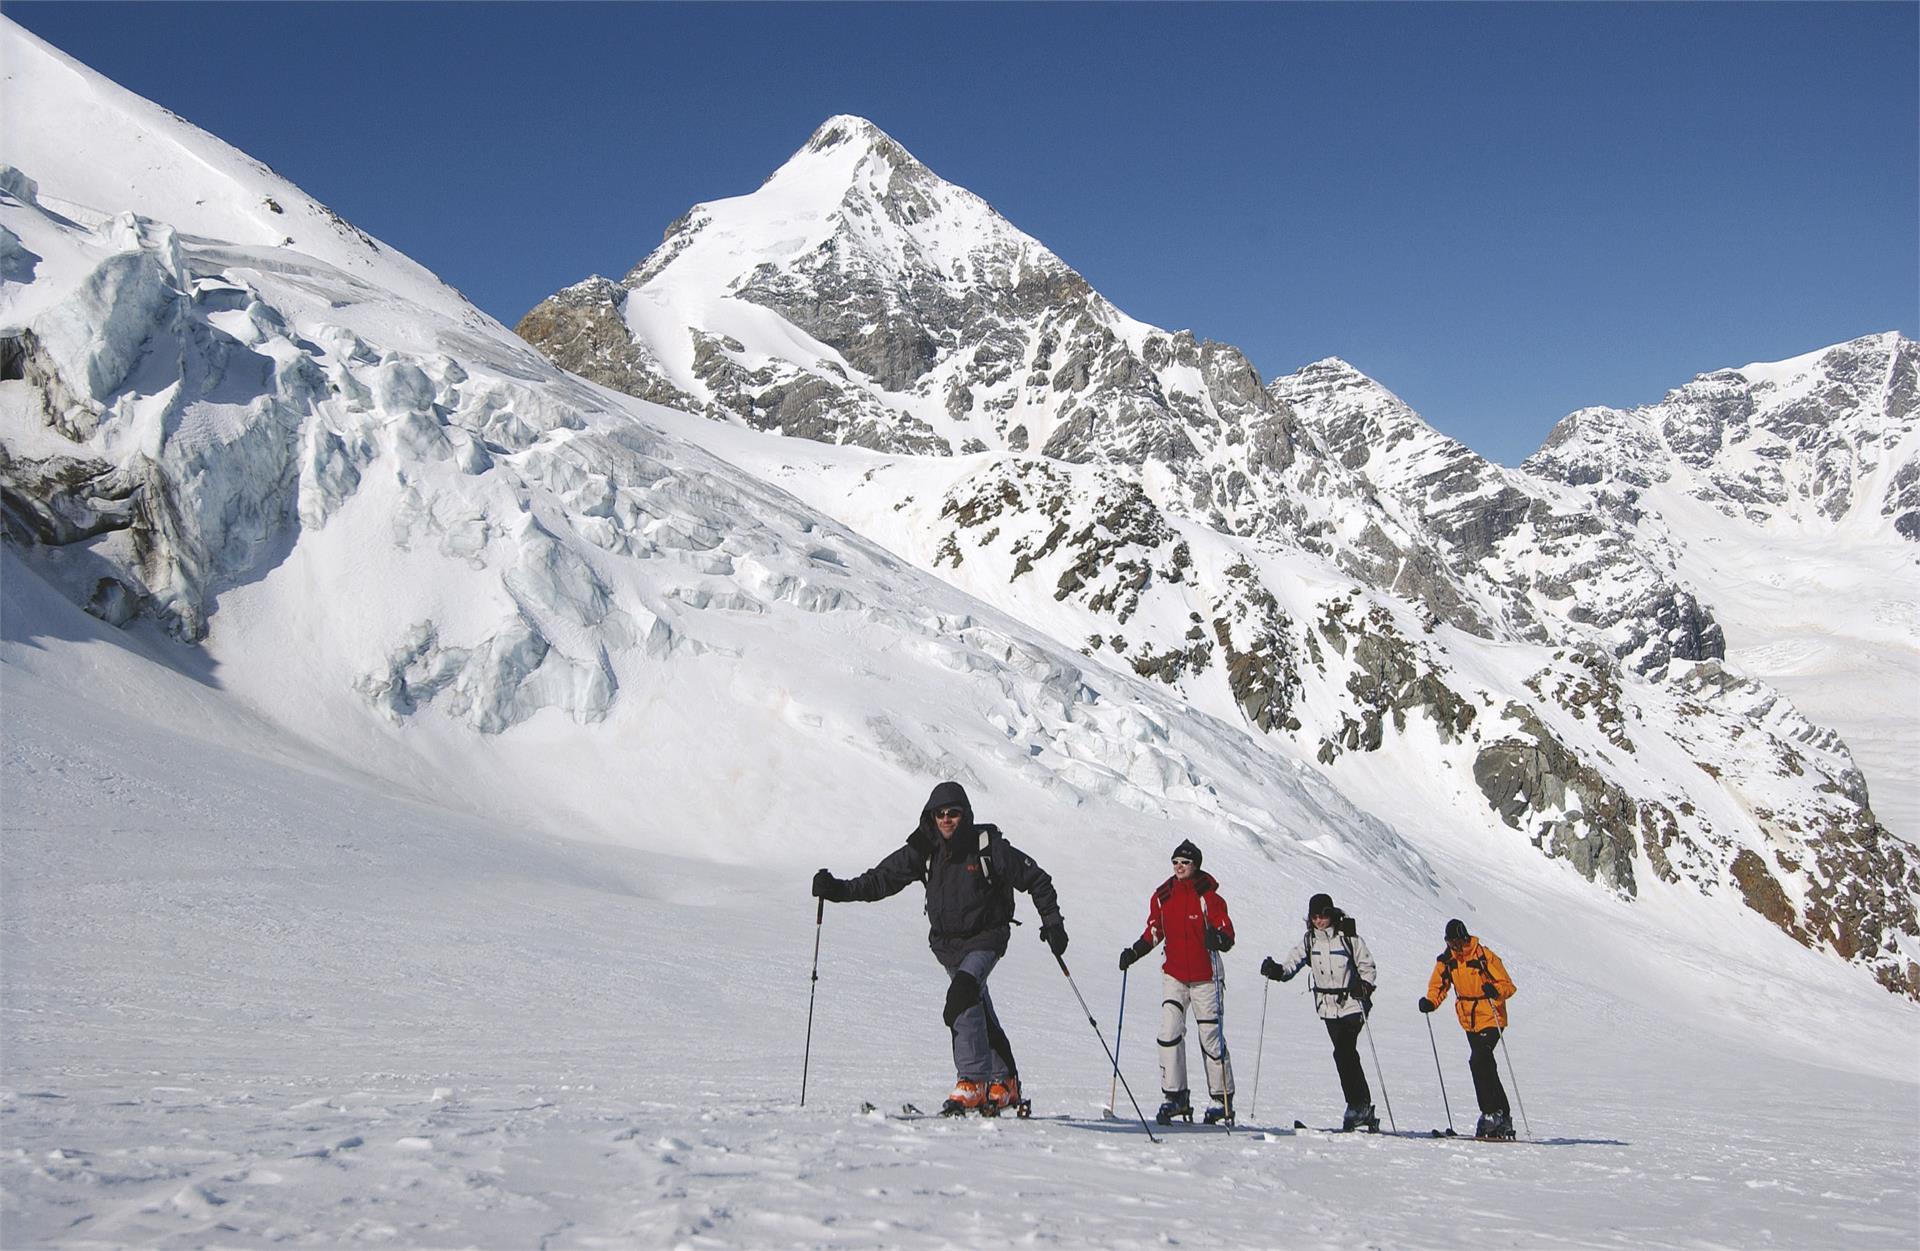 Skitouring Mittereck in Vallelunga/Langtaufers